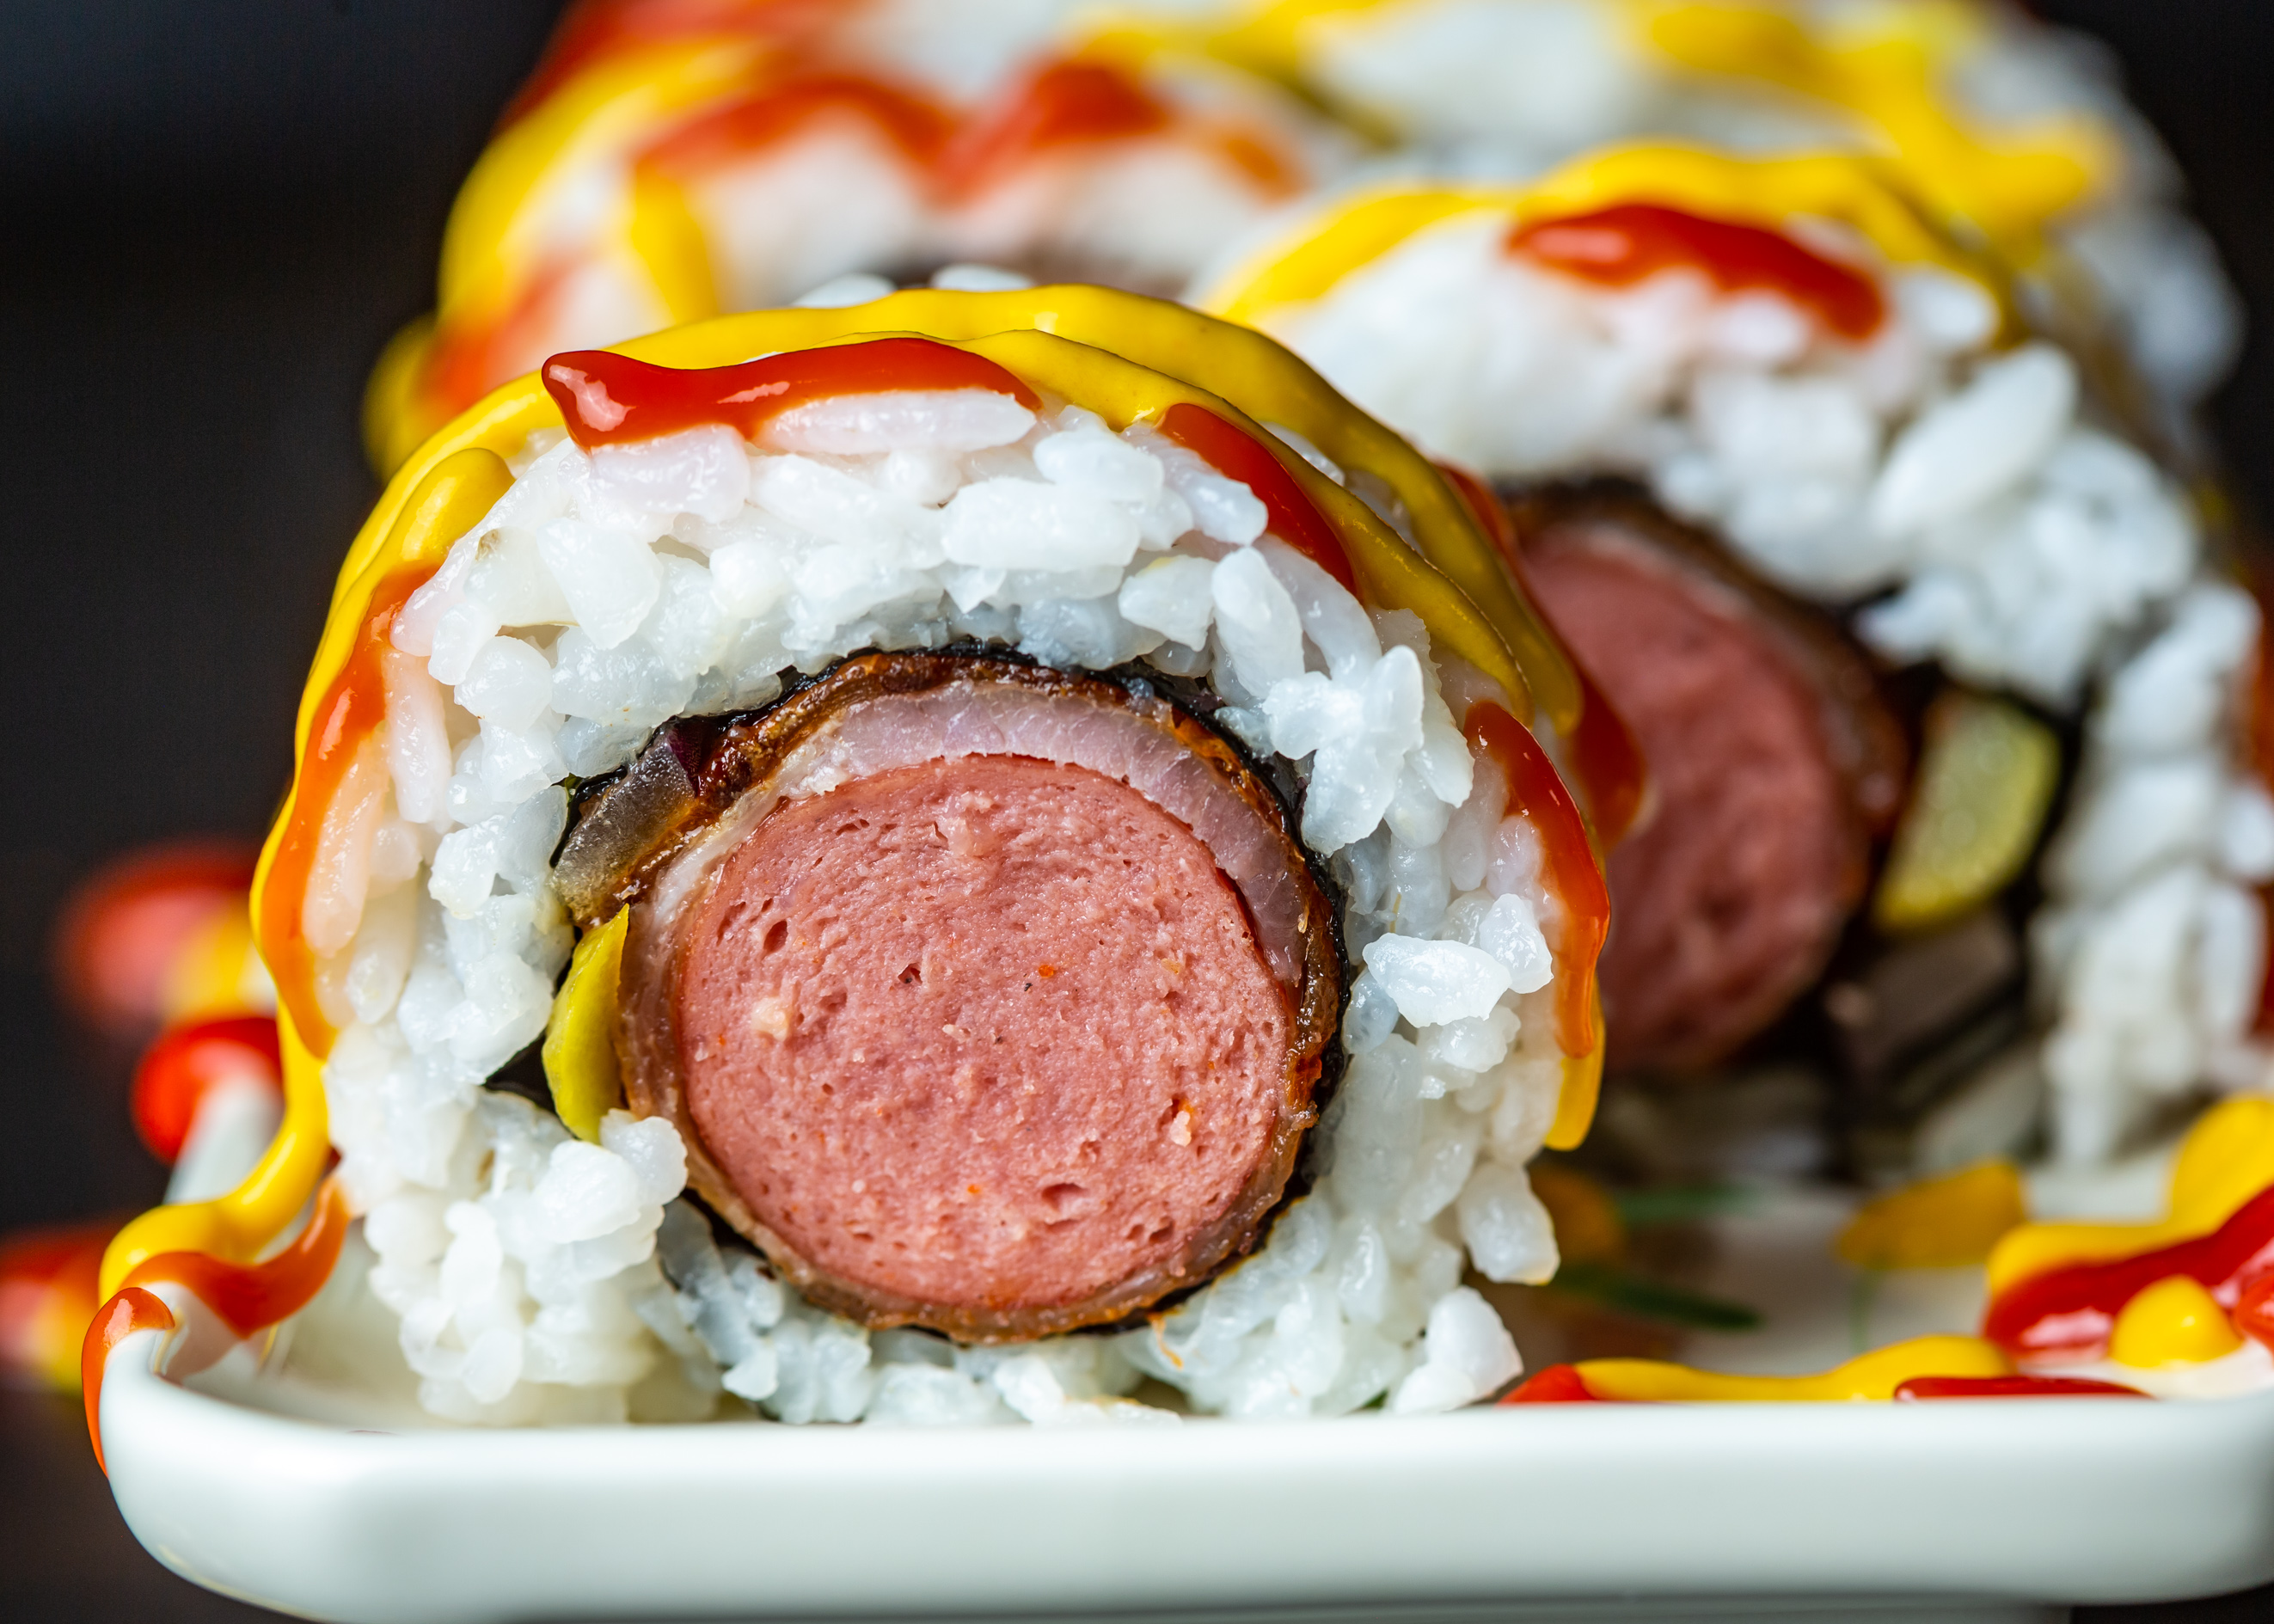 bacon-wrapped hot dog sushi